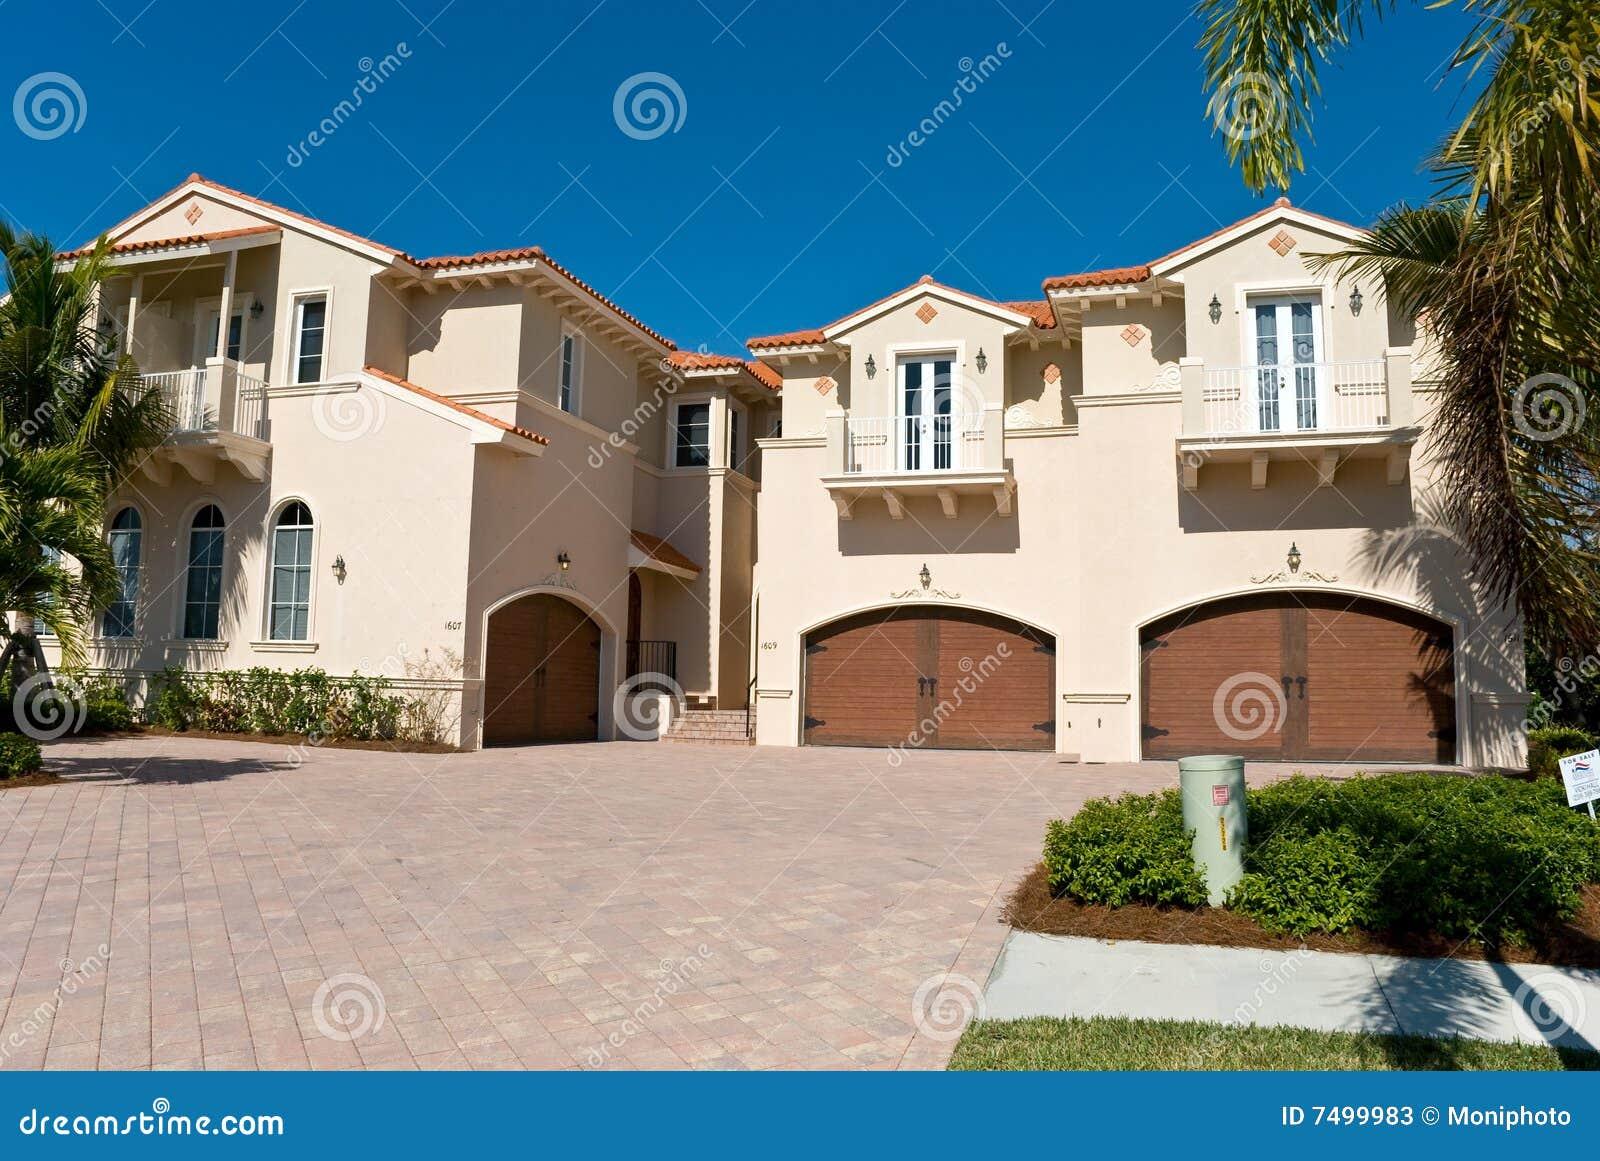 Wohnhaus in Neapel - Südwesten Florida ein